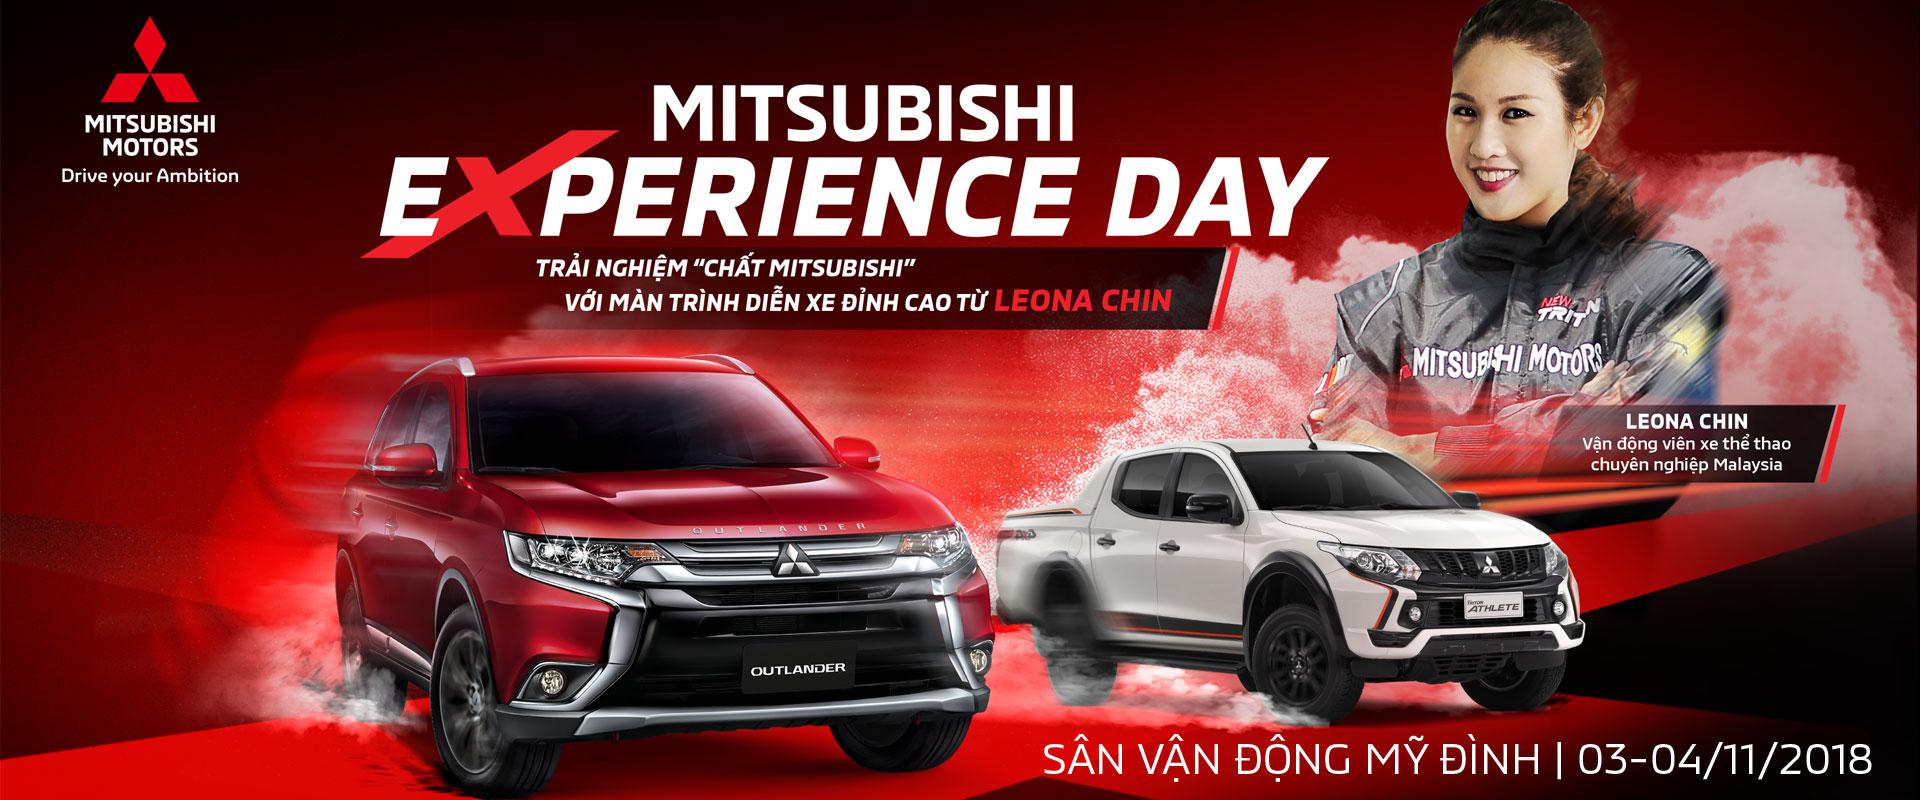 """Trải nghiệm """"chất Mitsubishi"""" cùng nữ vận động viên chuyên nghiệp Leona Chin tại Hà Nội"""